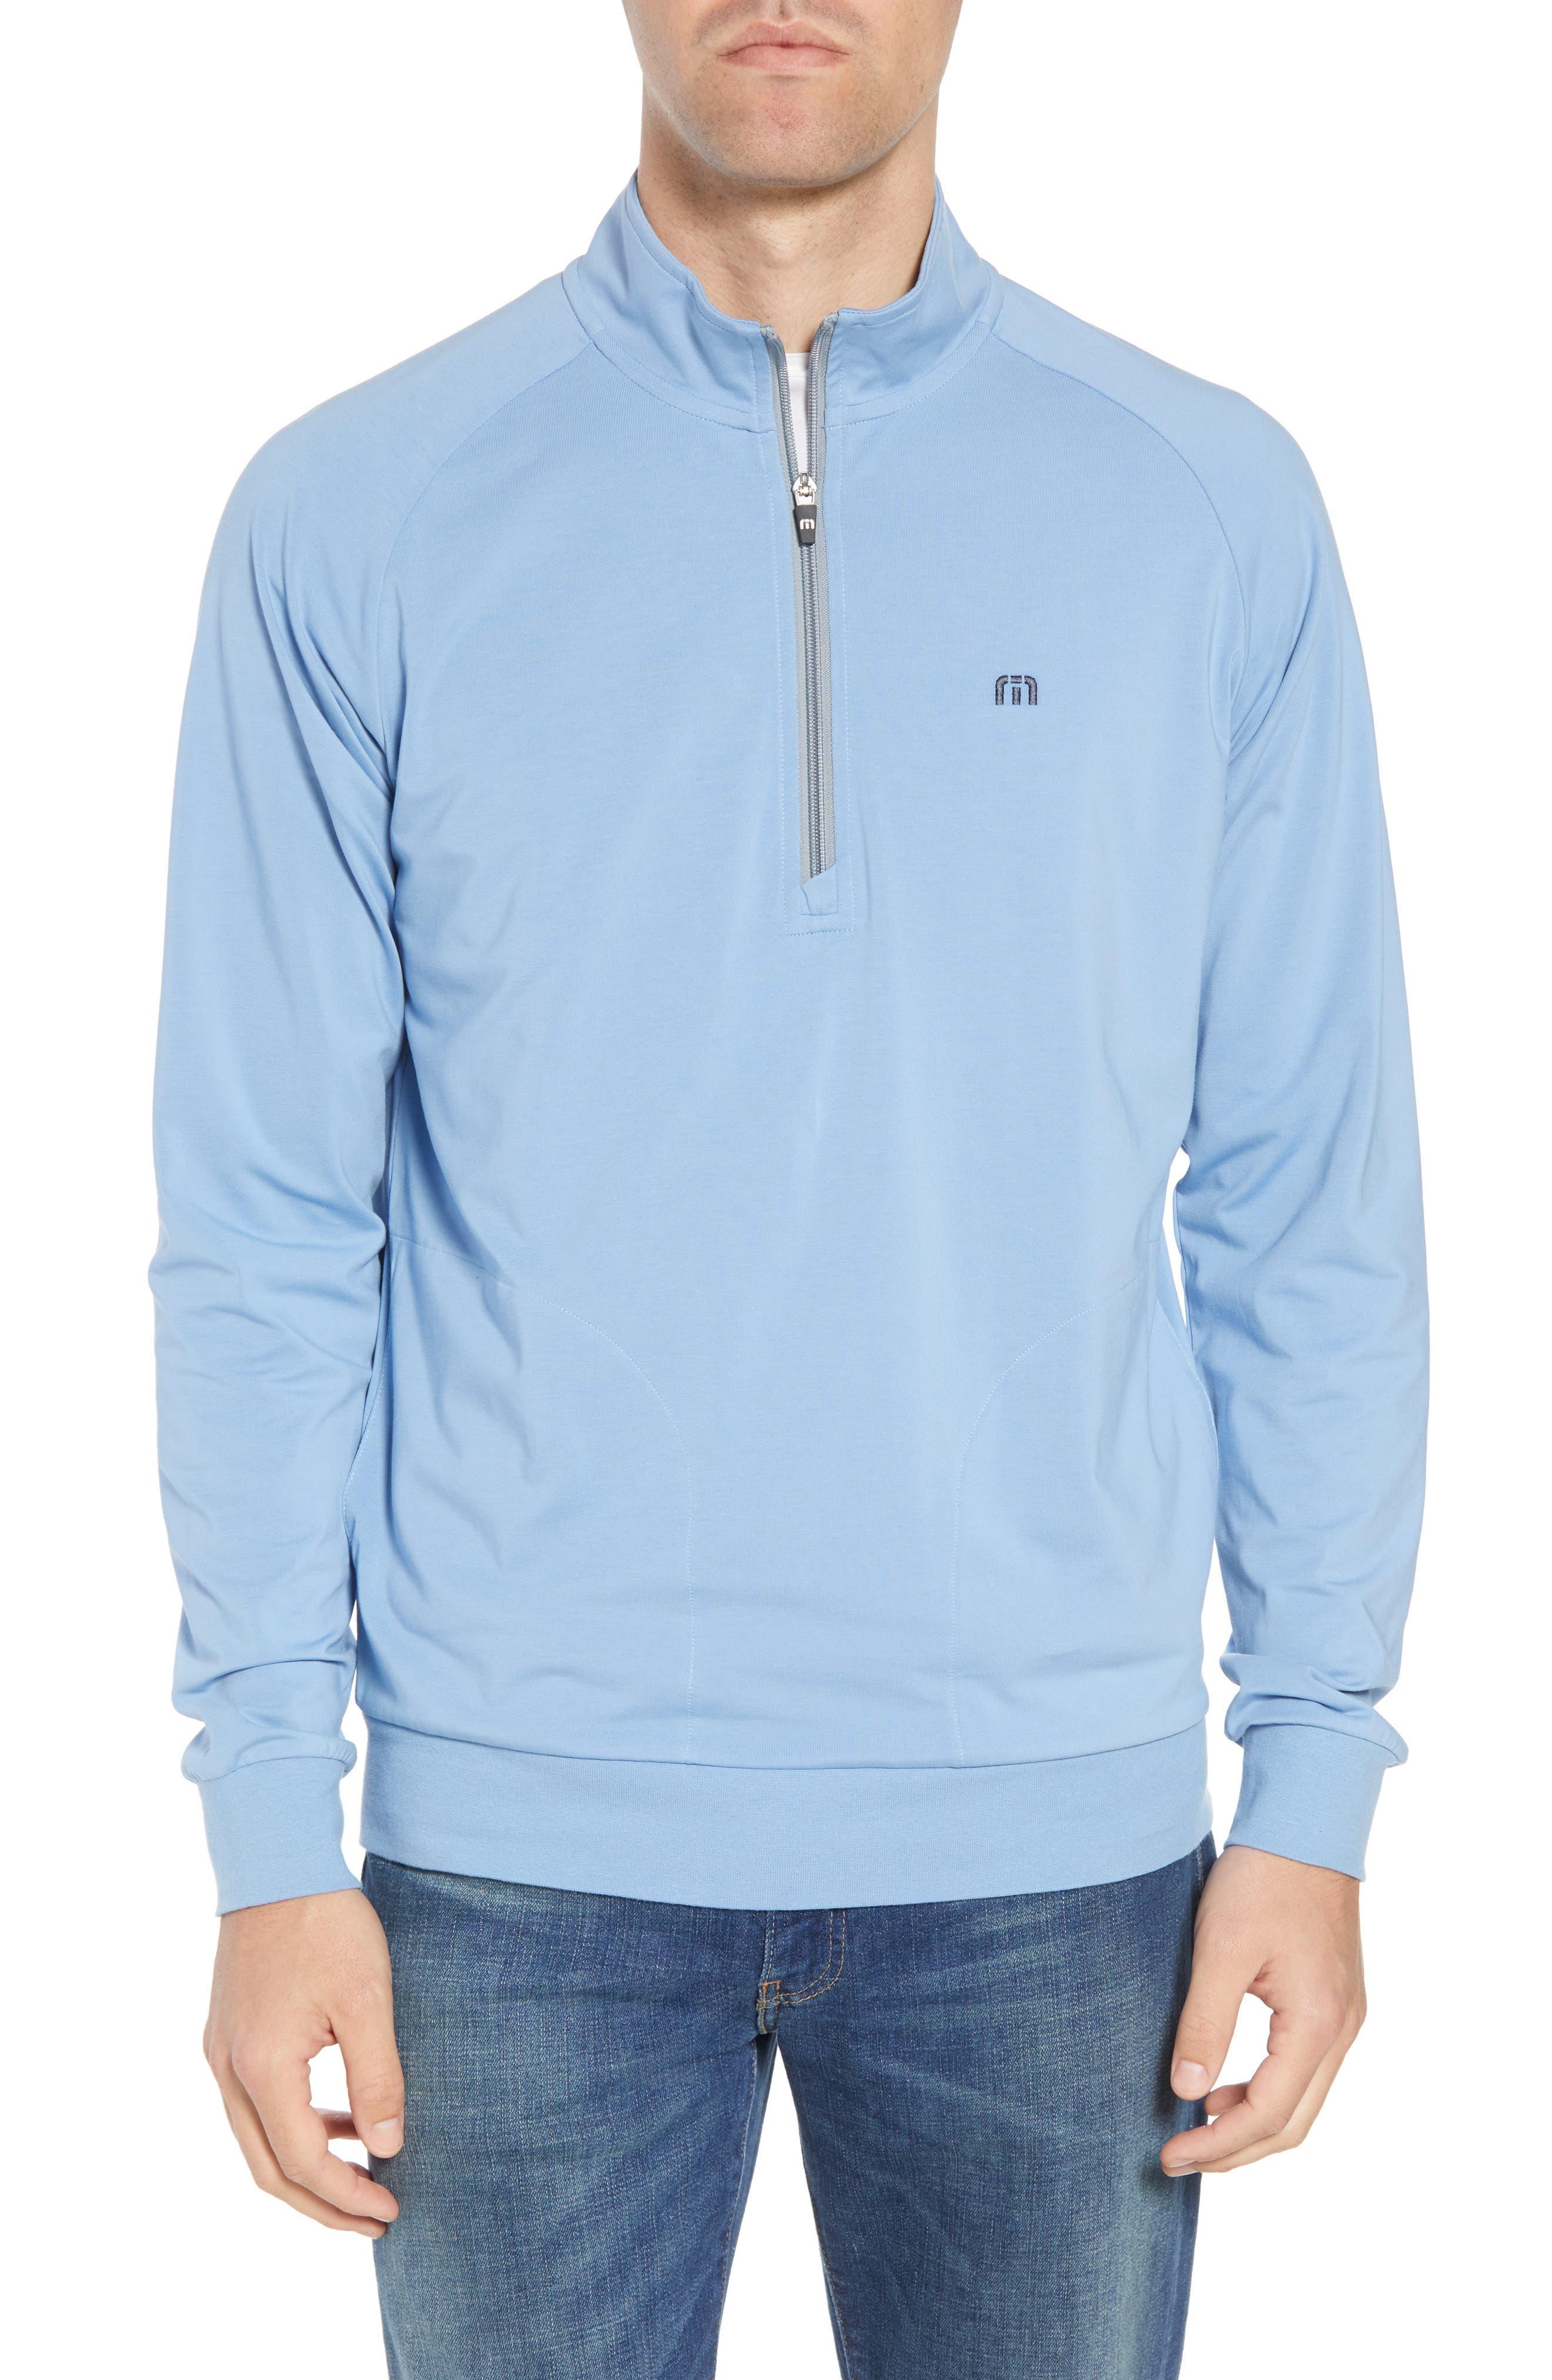 'Strange Love' Trim Fit Wrinkle Resistant Quarter Zip Jacket,                         Main,                         color, ALLURE